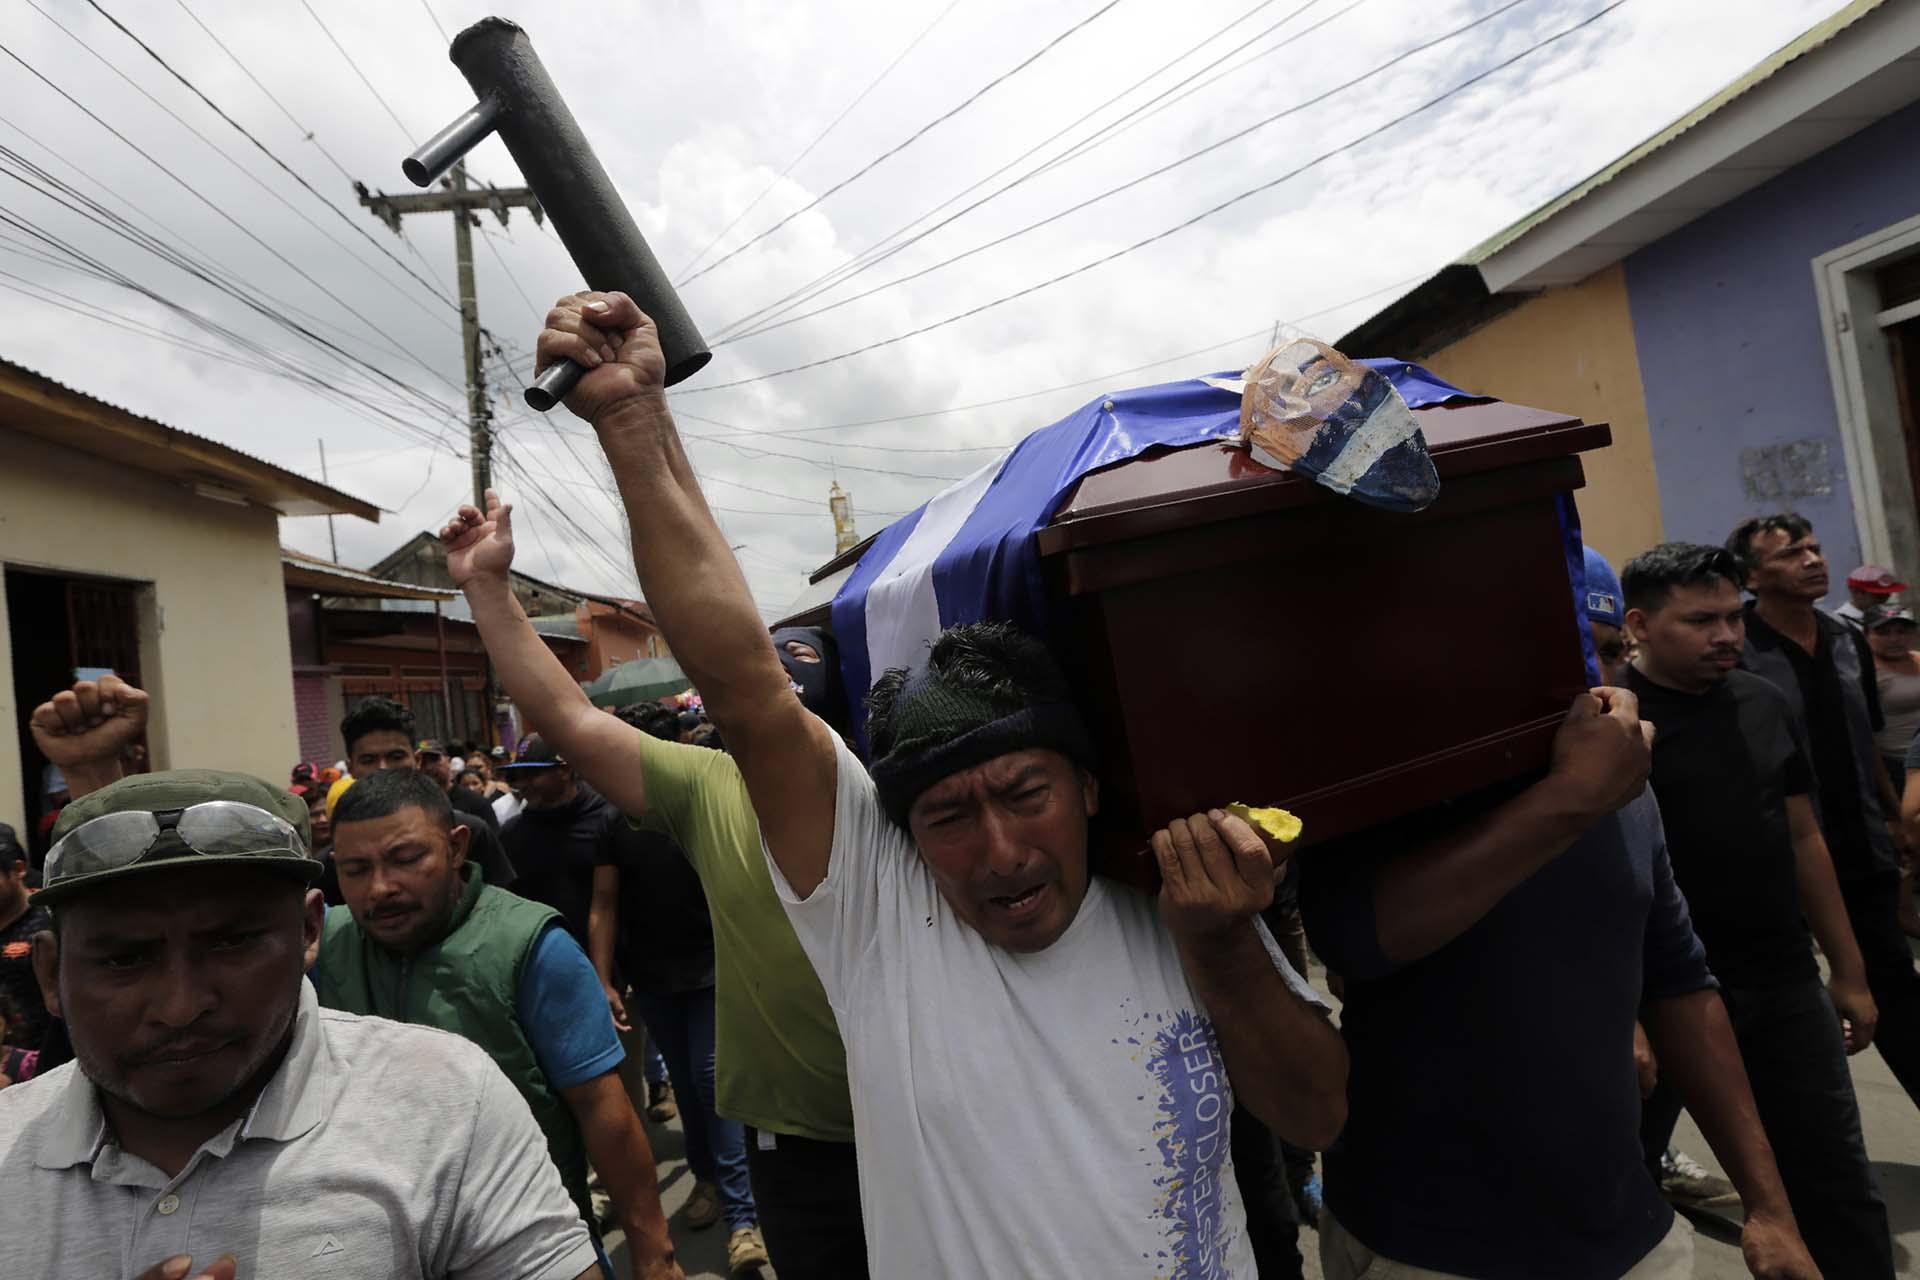 Amigos y familiares llevan el féretro de Jorge Carrion, de 33 años, uno de los muertos por la represión policial del régimen de Daniel Ortega contra las protestas populares en Masaya, Nicaragua, el 7 de junio